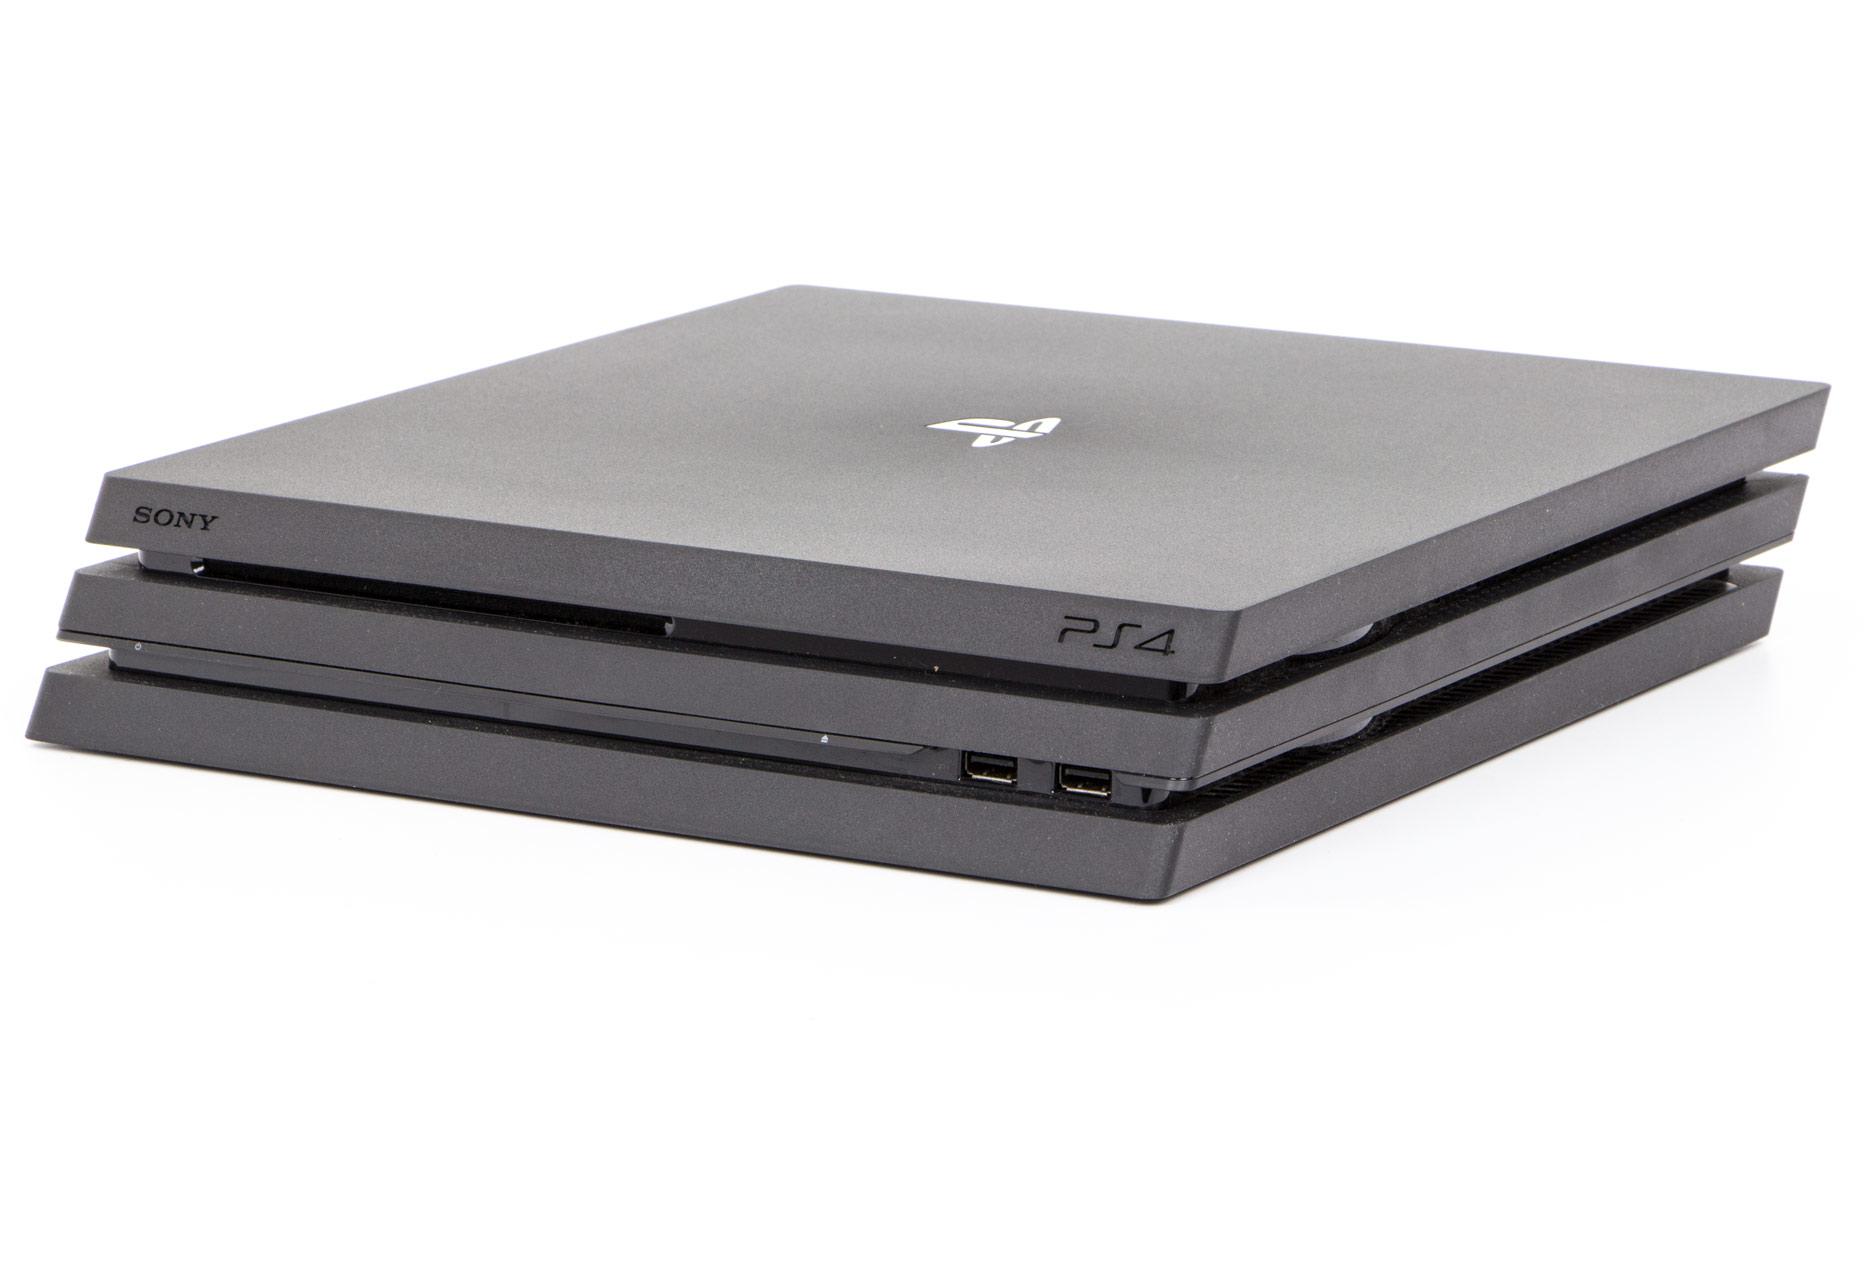 Playstation 4 Pro - rzut z przodu